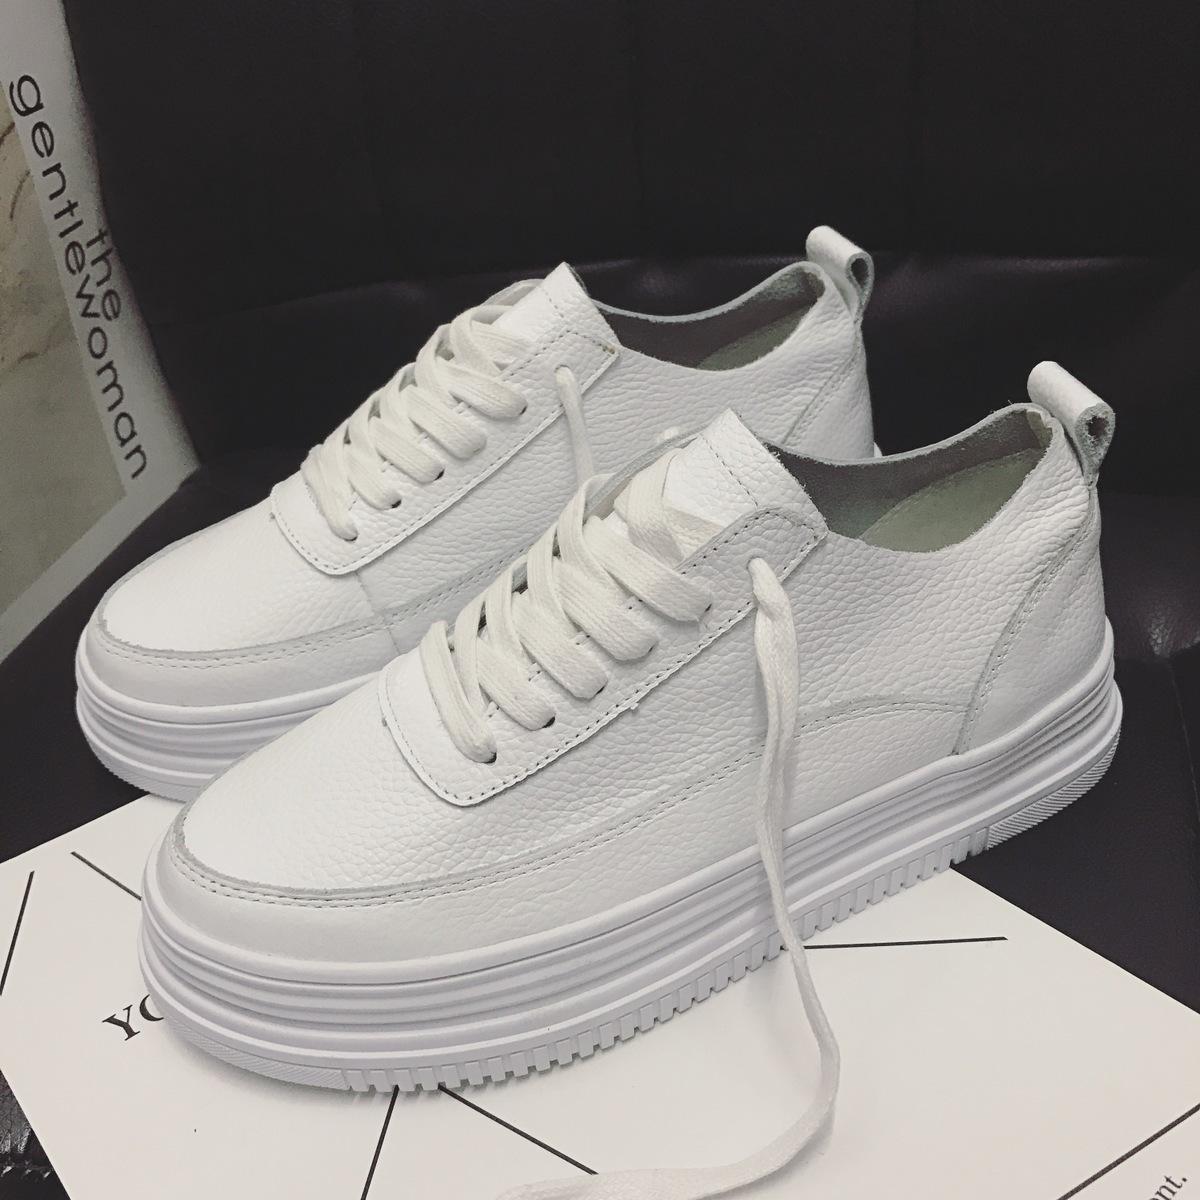 白色松糕鞋 2020春季新款厚底街拍小白鞋女百搭真皮透气韩版学生白色松糕板鞋_推荐淘宝好看的白色松糕鞋